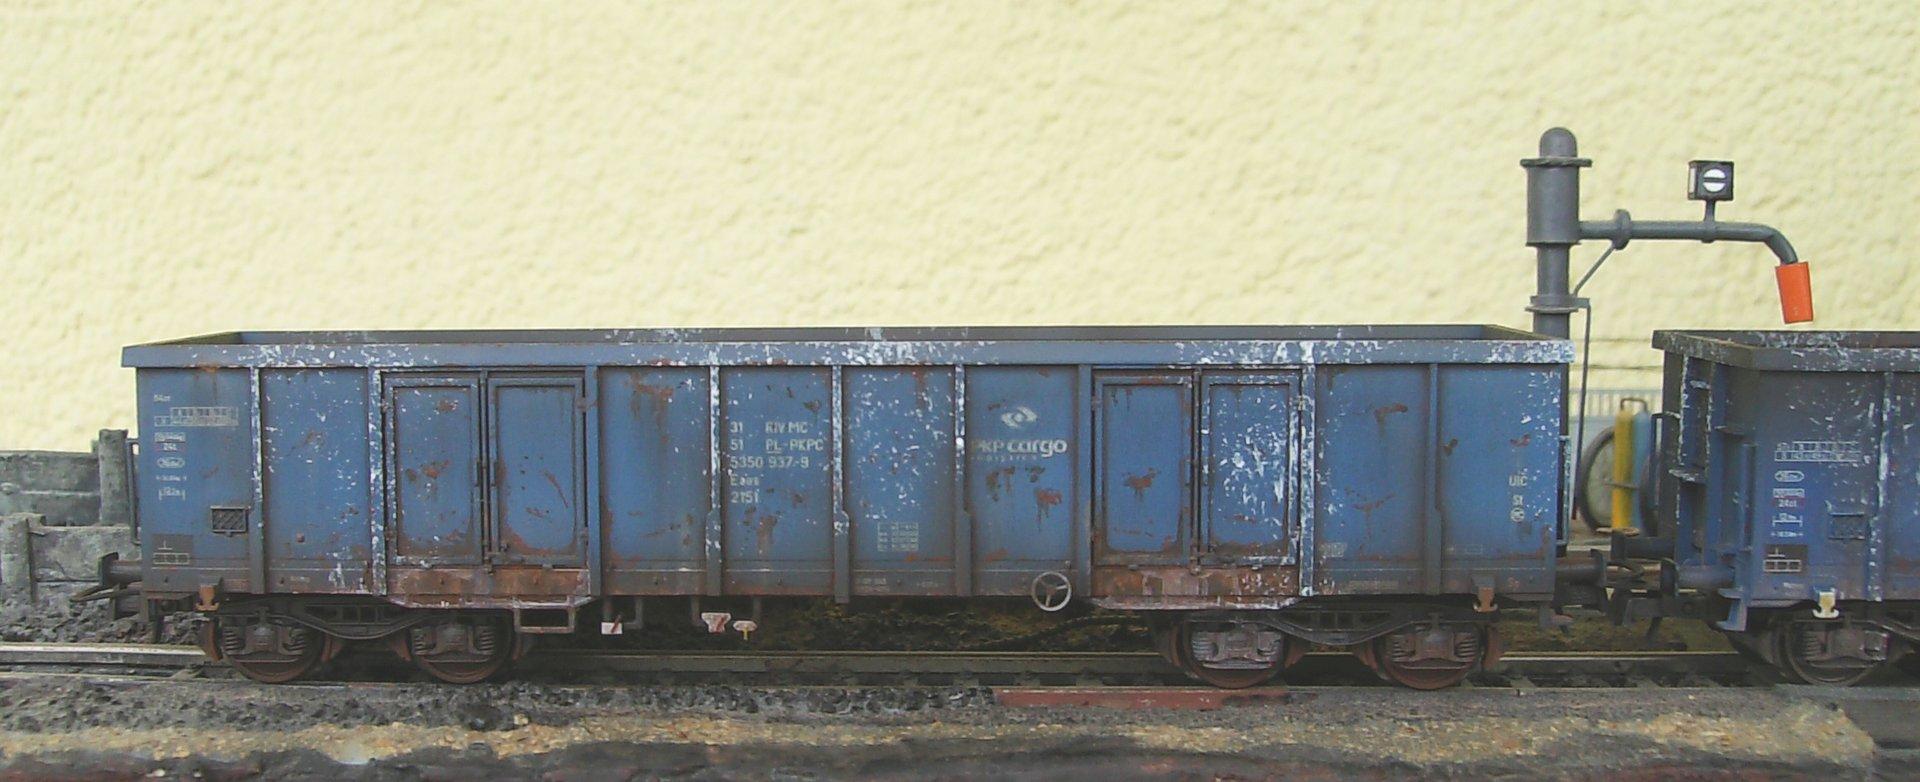 HPIM9472.JPG